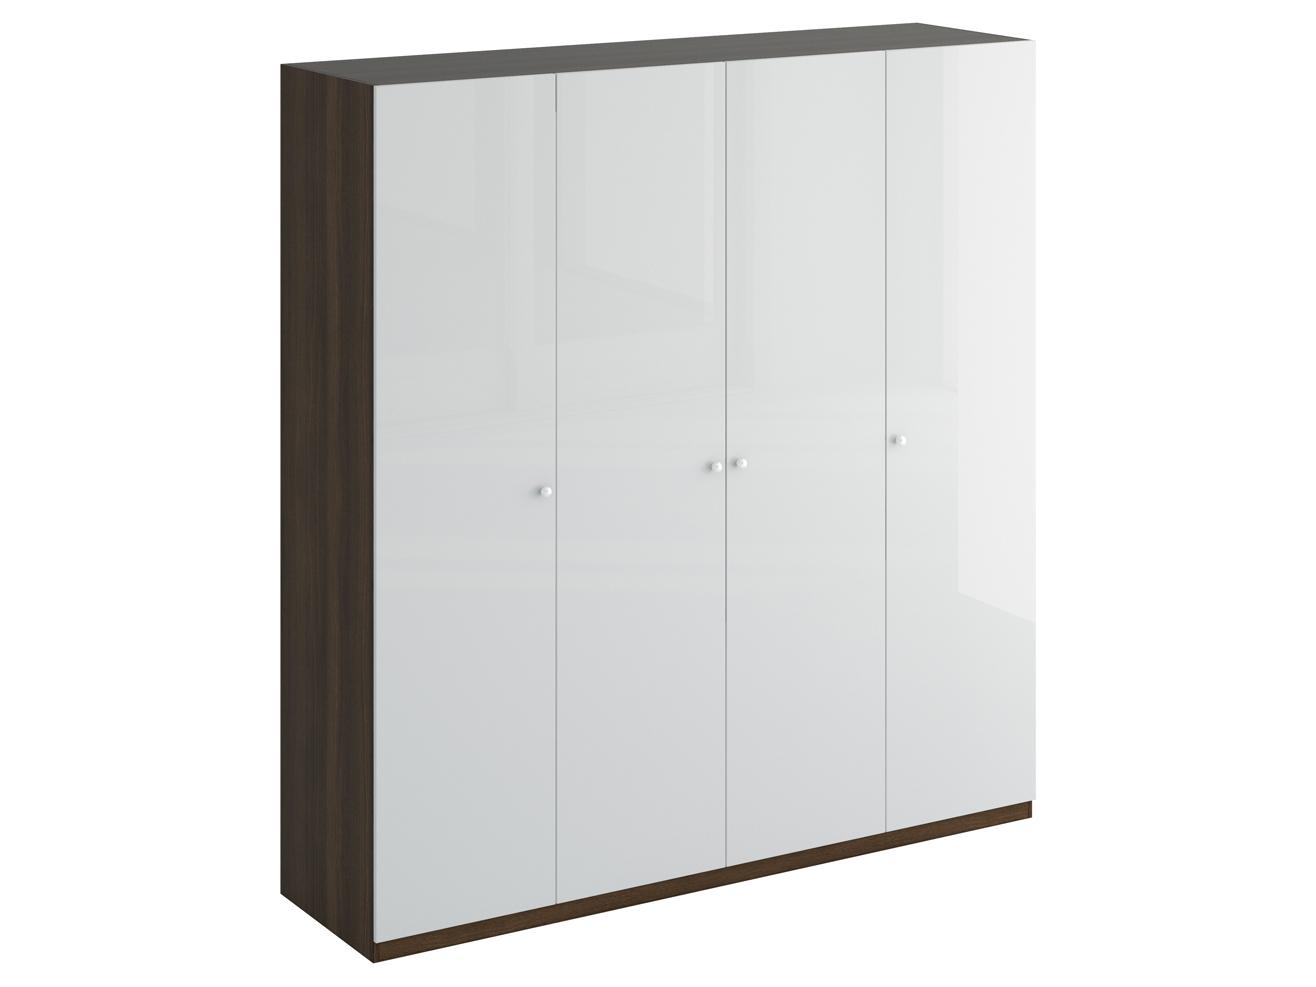 Шкаф UnoПлатяные шкафы<br>Шкаф четырехдверный состоит их трёх отделений. В отделениях расположены верхние стационарные и нижние съемными полки. На одной дверце шкафа с внутренней стороны расположено зеркало. Шкаф установлен на регулируемые опоры. Данную мебель рекомендуется крепить к стене. Ручки и внутренние элементы продаются отдельно.<br><br>Material: ДСП<br>Ширина см: 219<br>Высота см: 232<br>Глубина см: 59